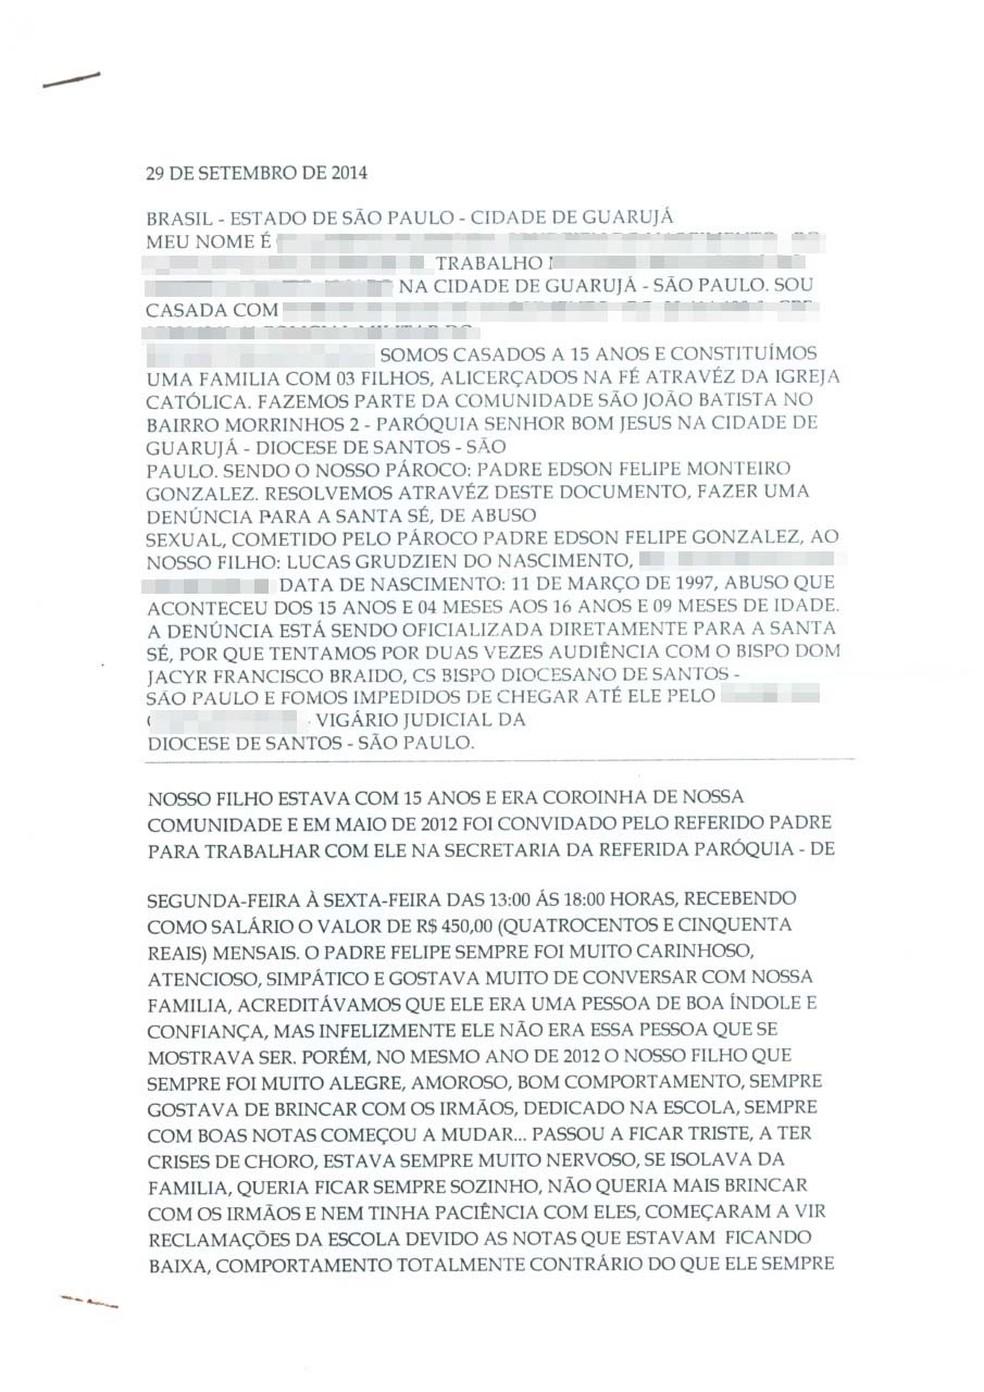 Mãe de Lucas chegou a fazer uma carta para o Vaticano denunciado o padre de estuprar o filho em Guarujá, SP — Foto: Arquivo pessoal